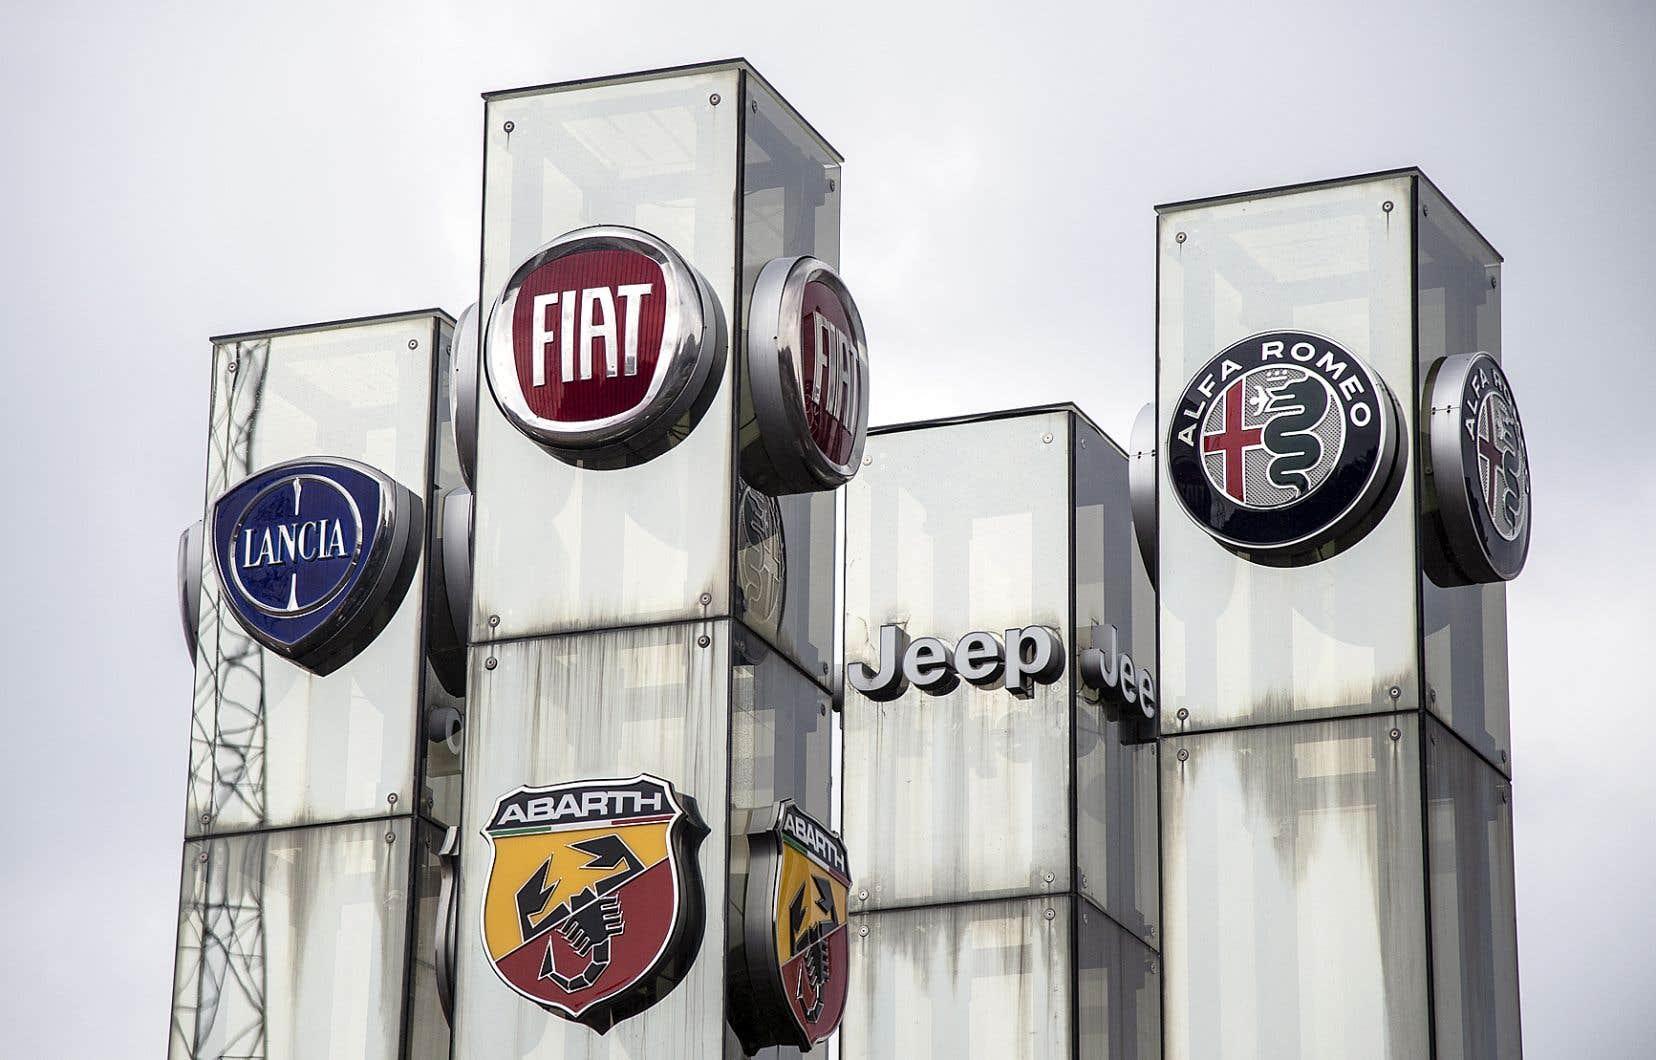 Les divisions de la compagnie Fiat Chrysler Automobiles, affichées par un marchand de Turin, en Italie